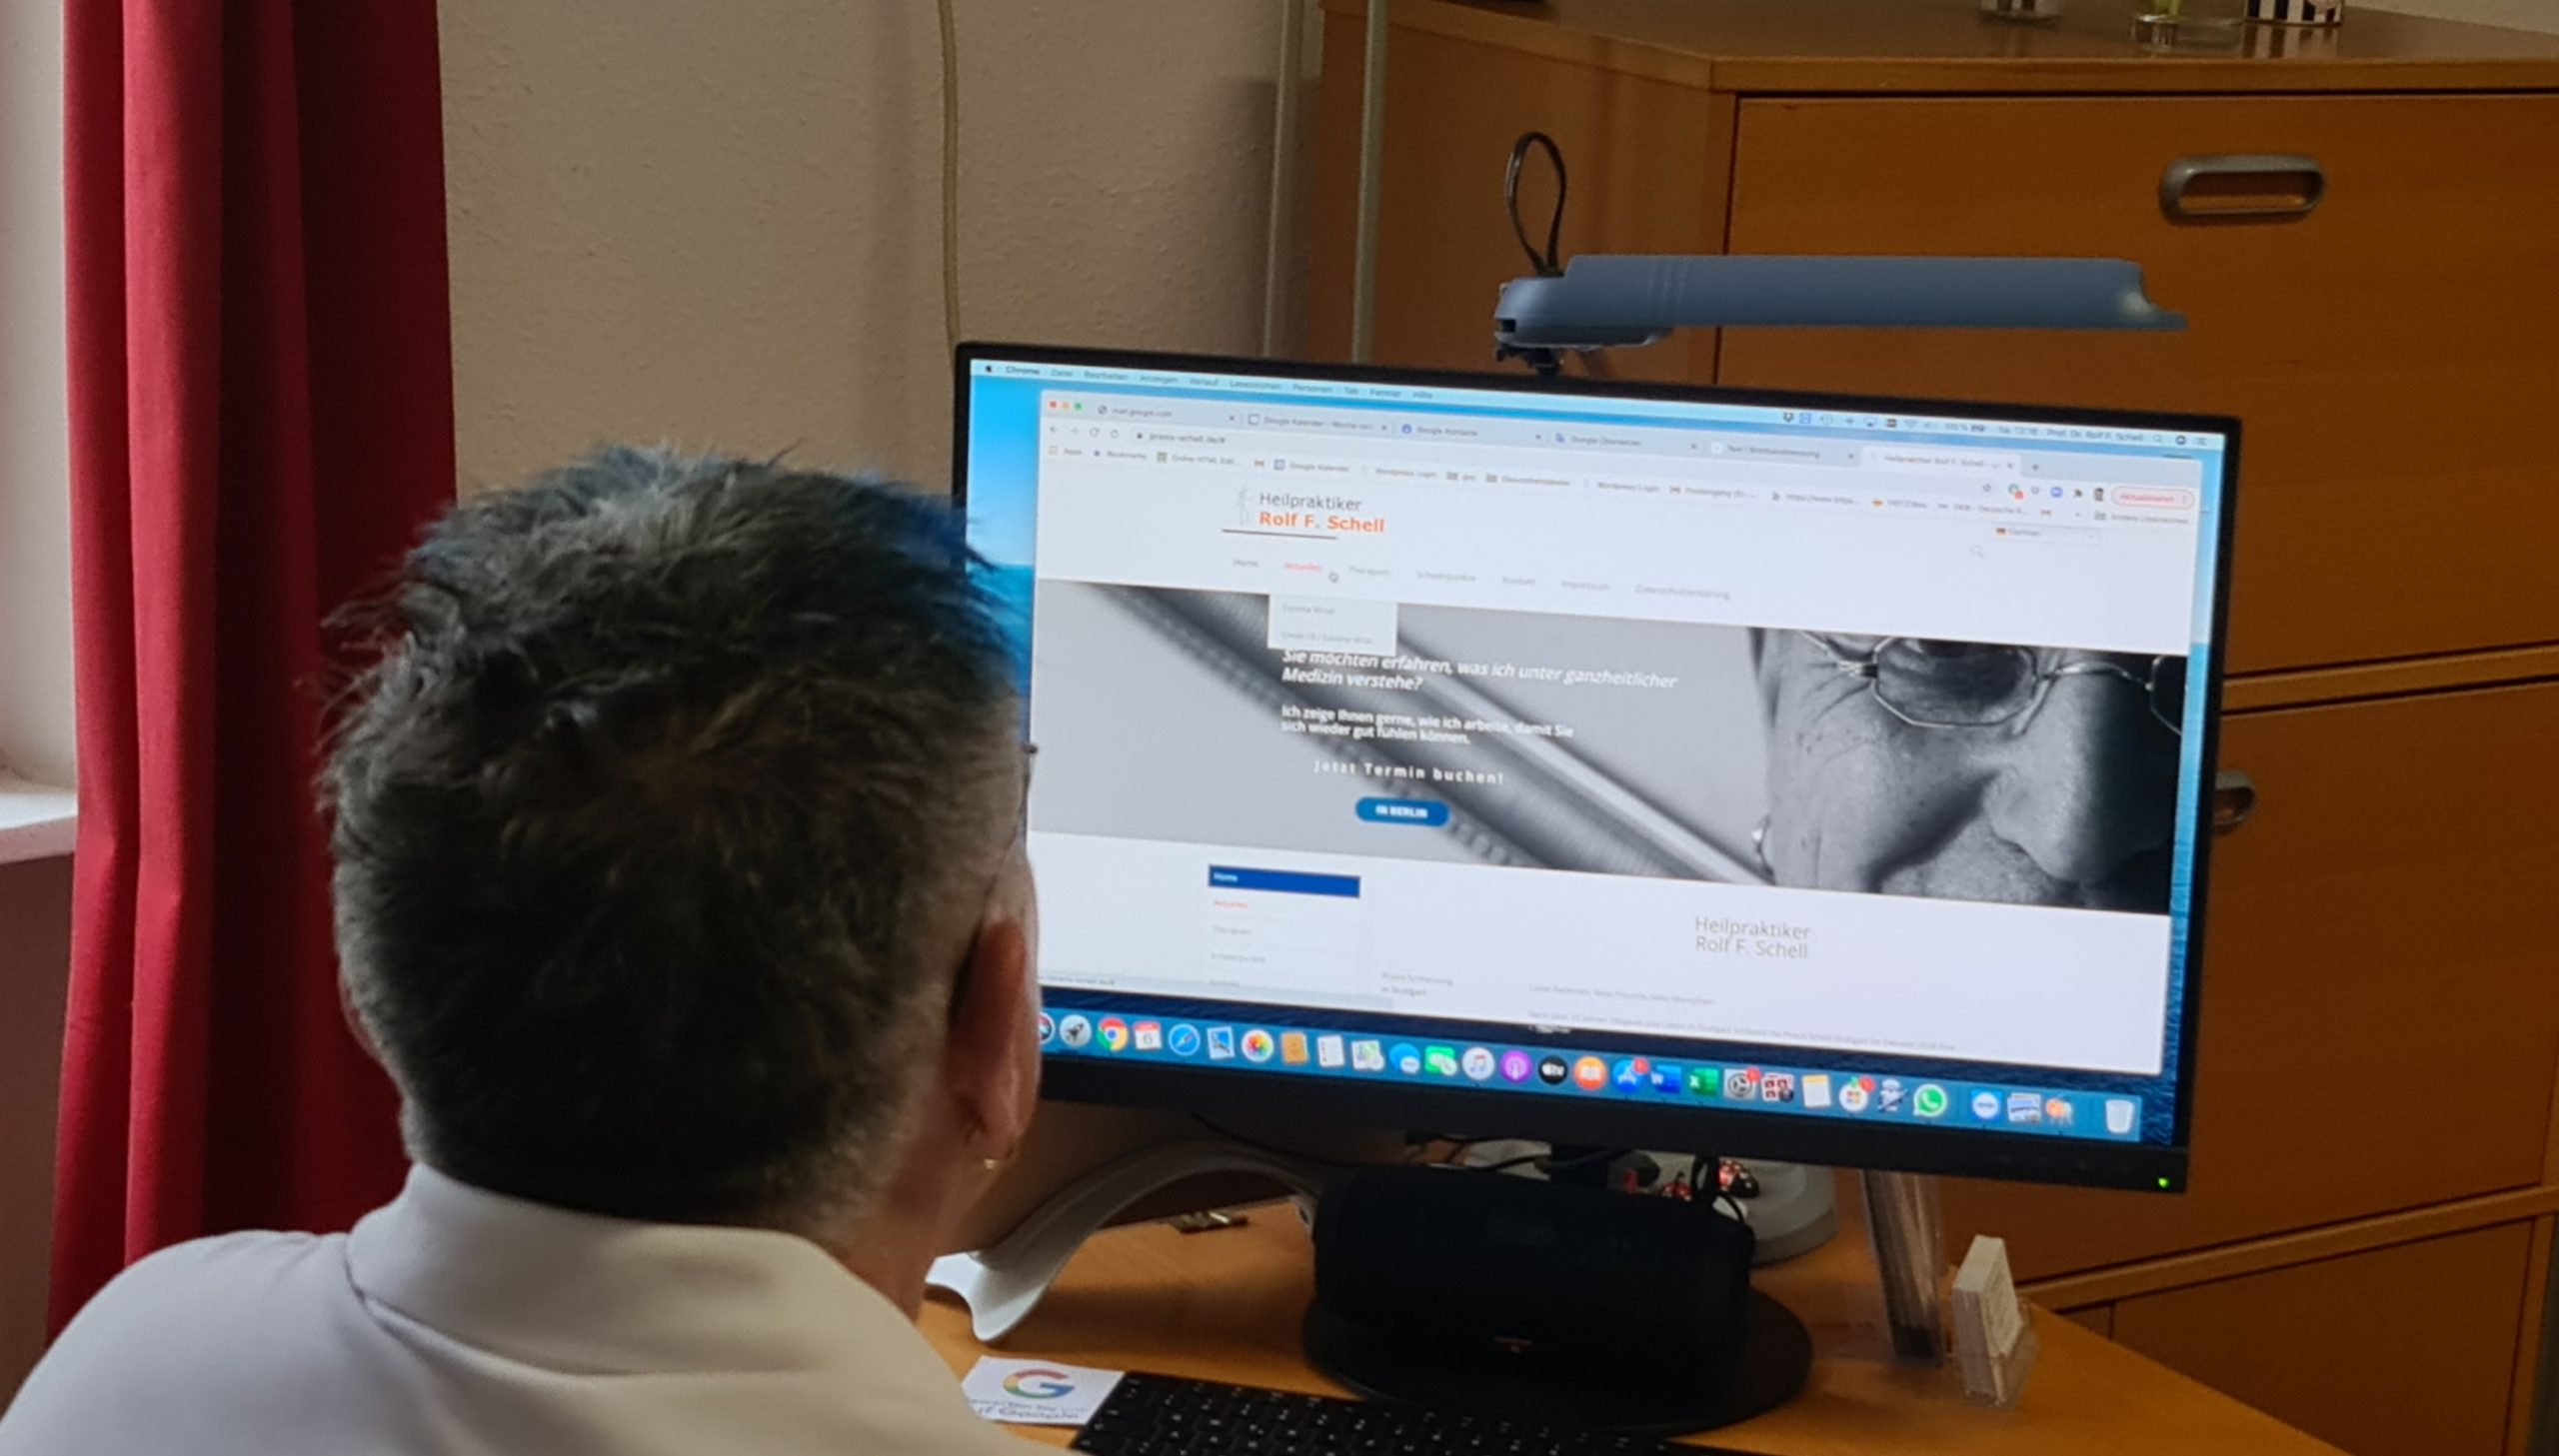 Heilpraktiker Videosprechstunde Zoom mit Dr. Rolf F. Schell